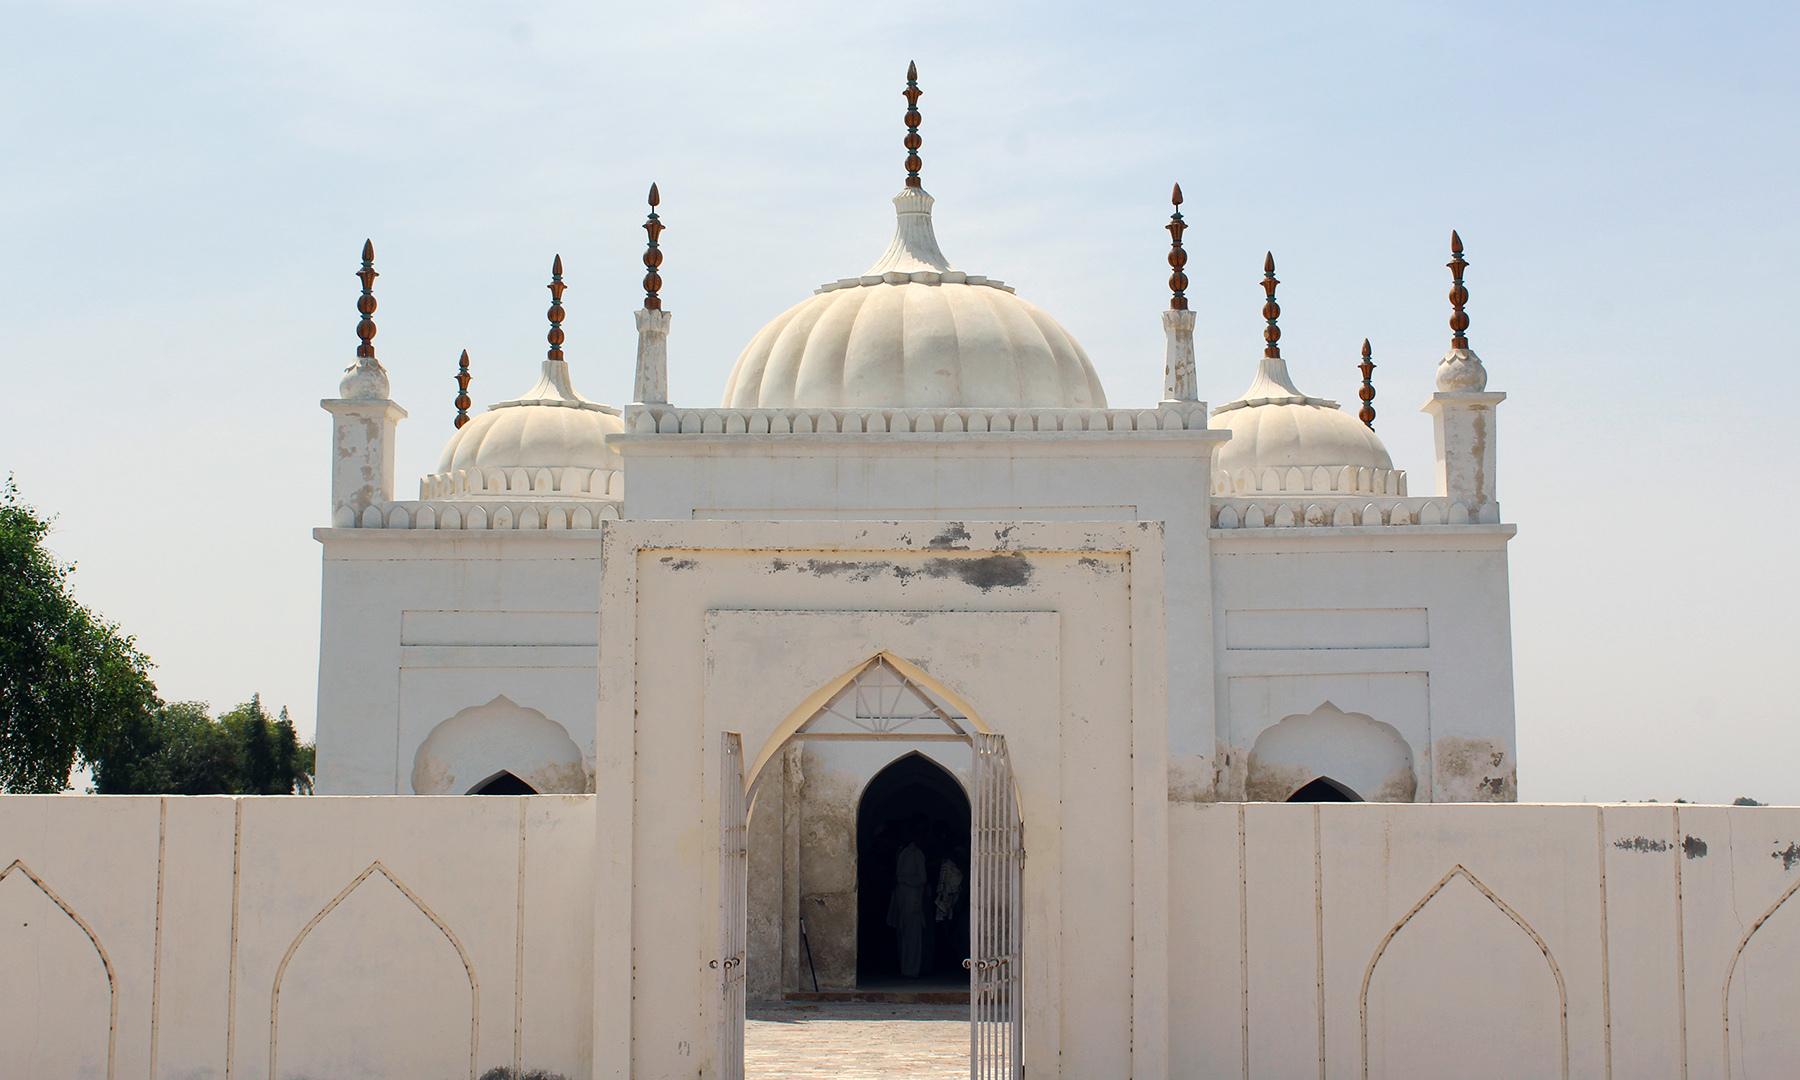 میرن واری مسجد — تصویر اختر حفیظ